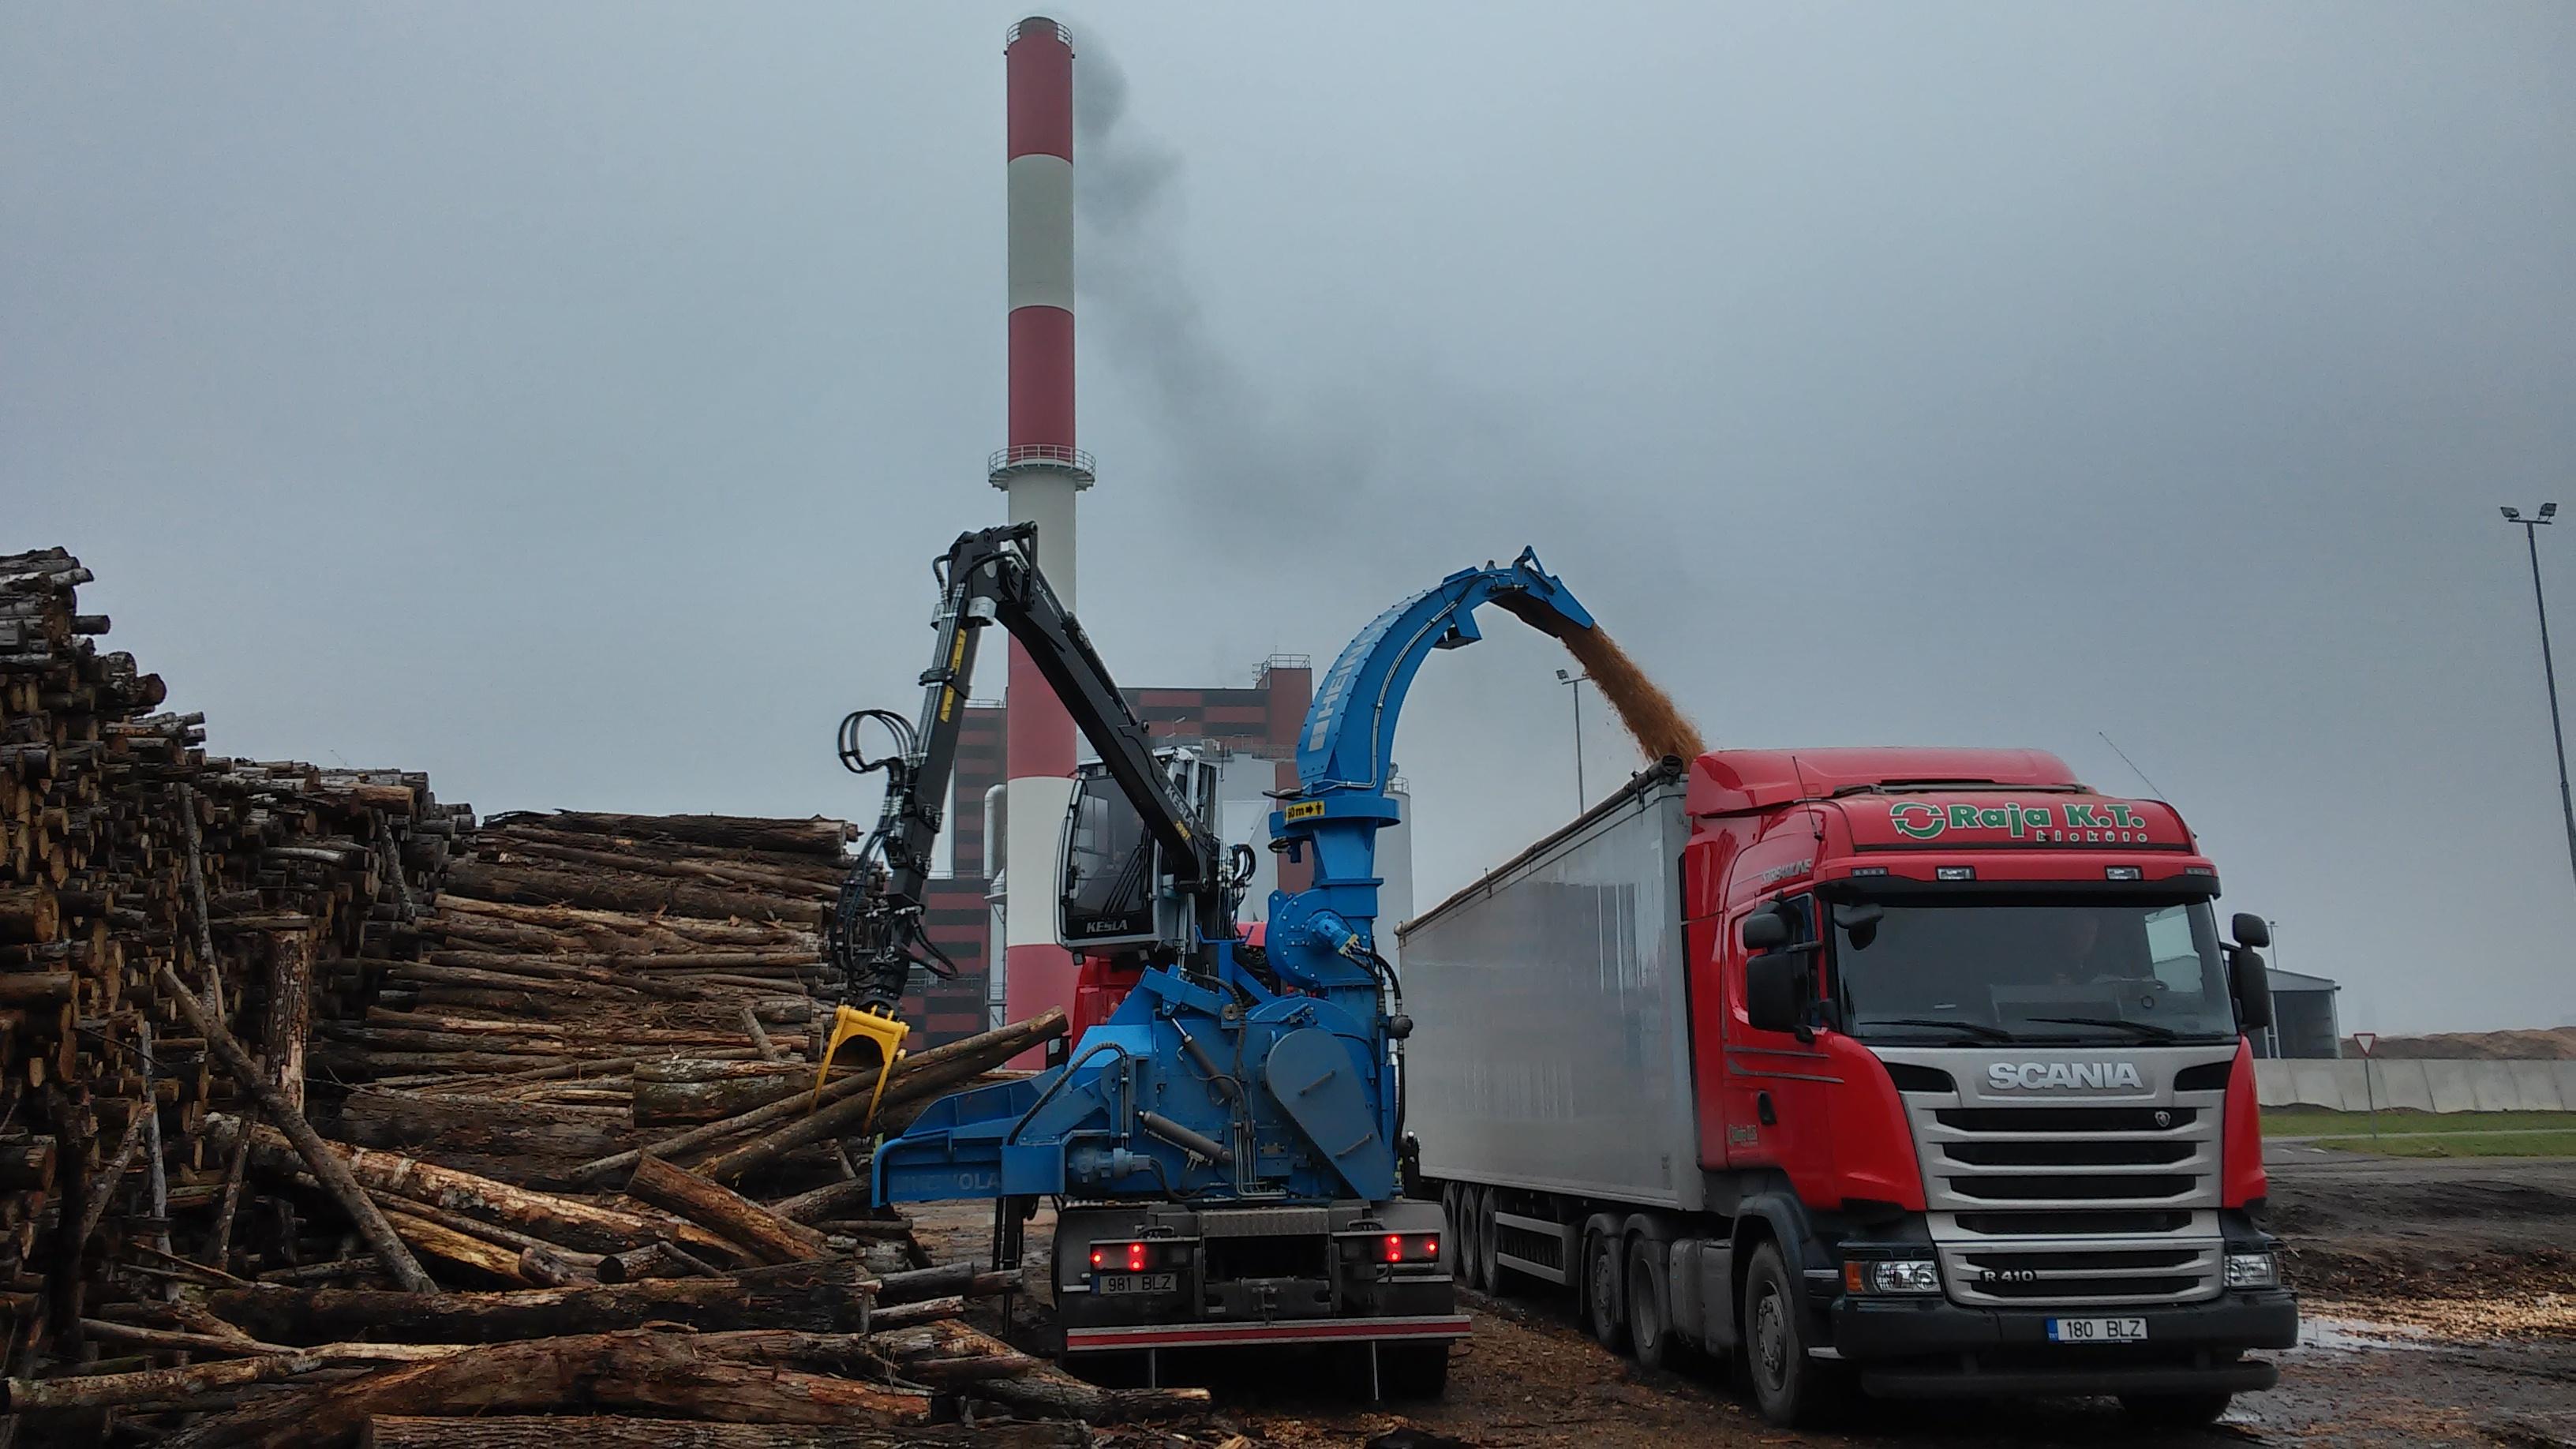 Pöördlabadega ventilaatorid puiduhakkuritele